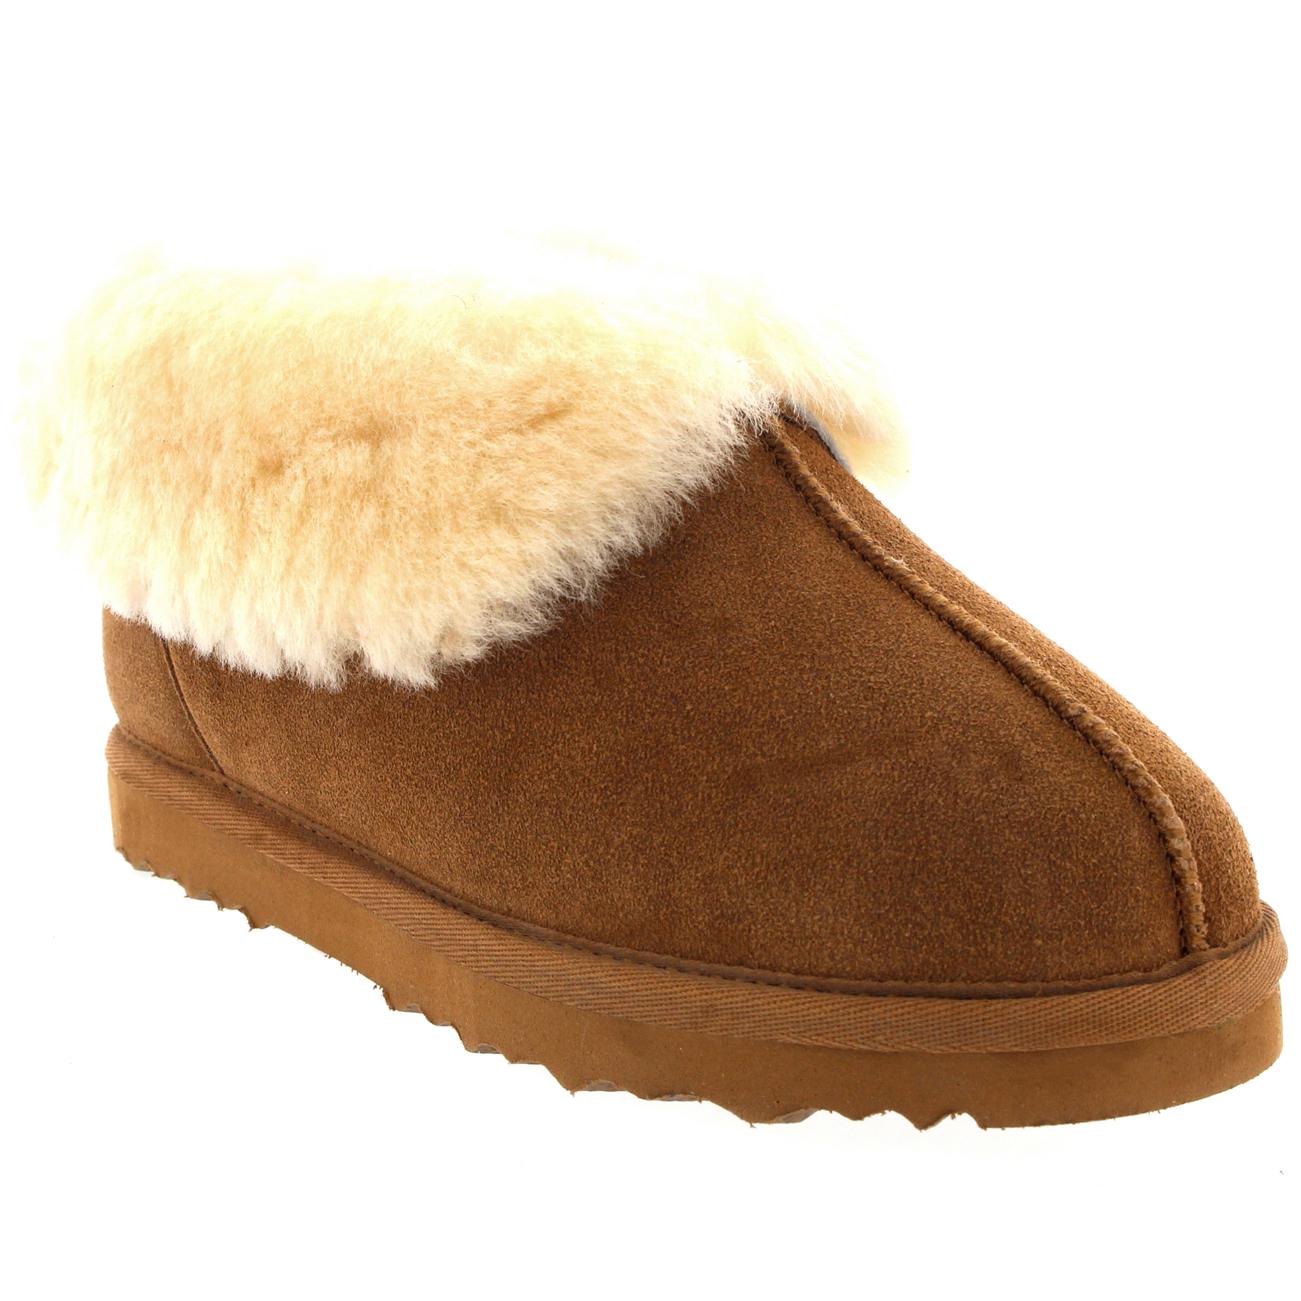 womens real suede australian sheepskin fur lined warm